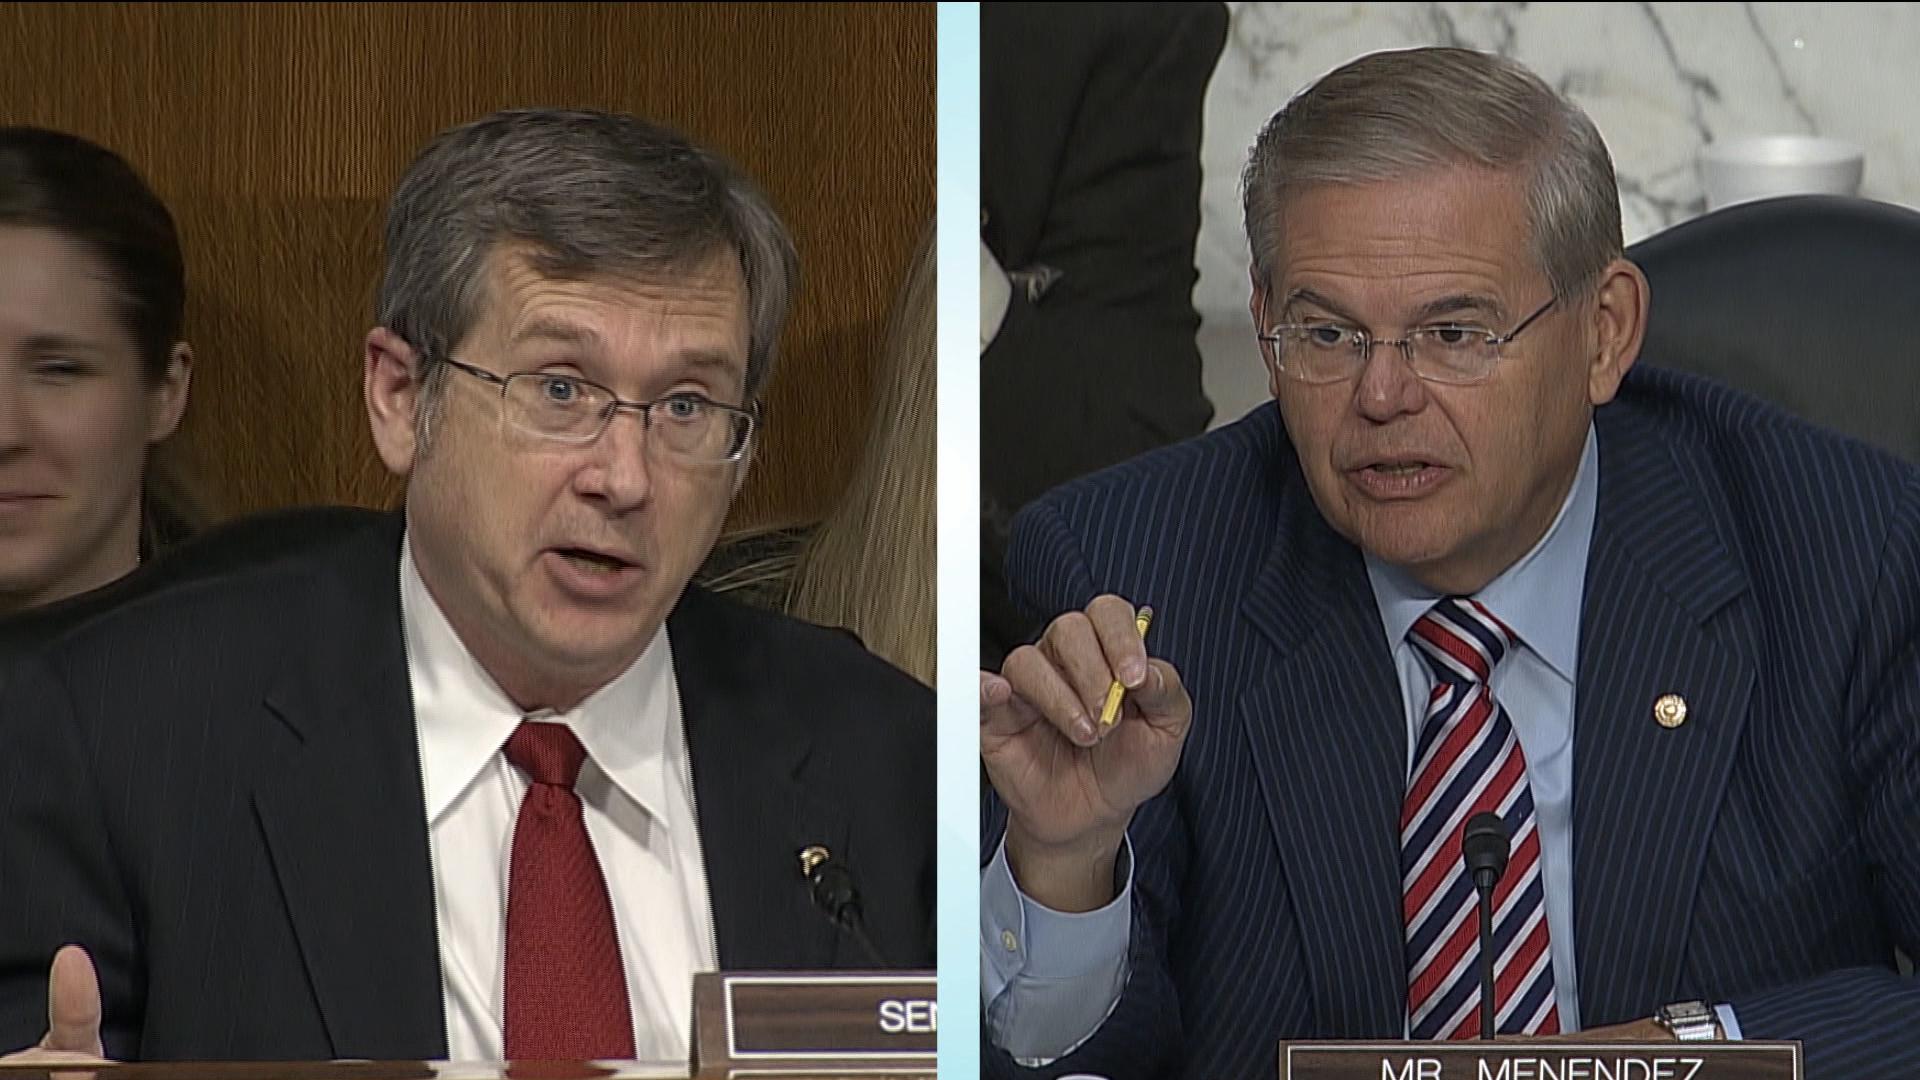 Could Senate hardliners torpedo Iran deal?